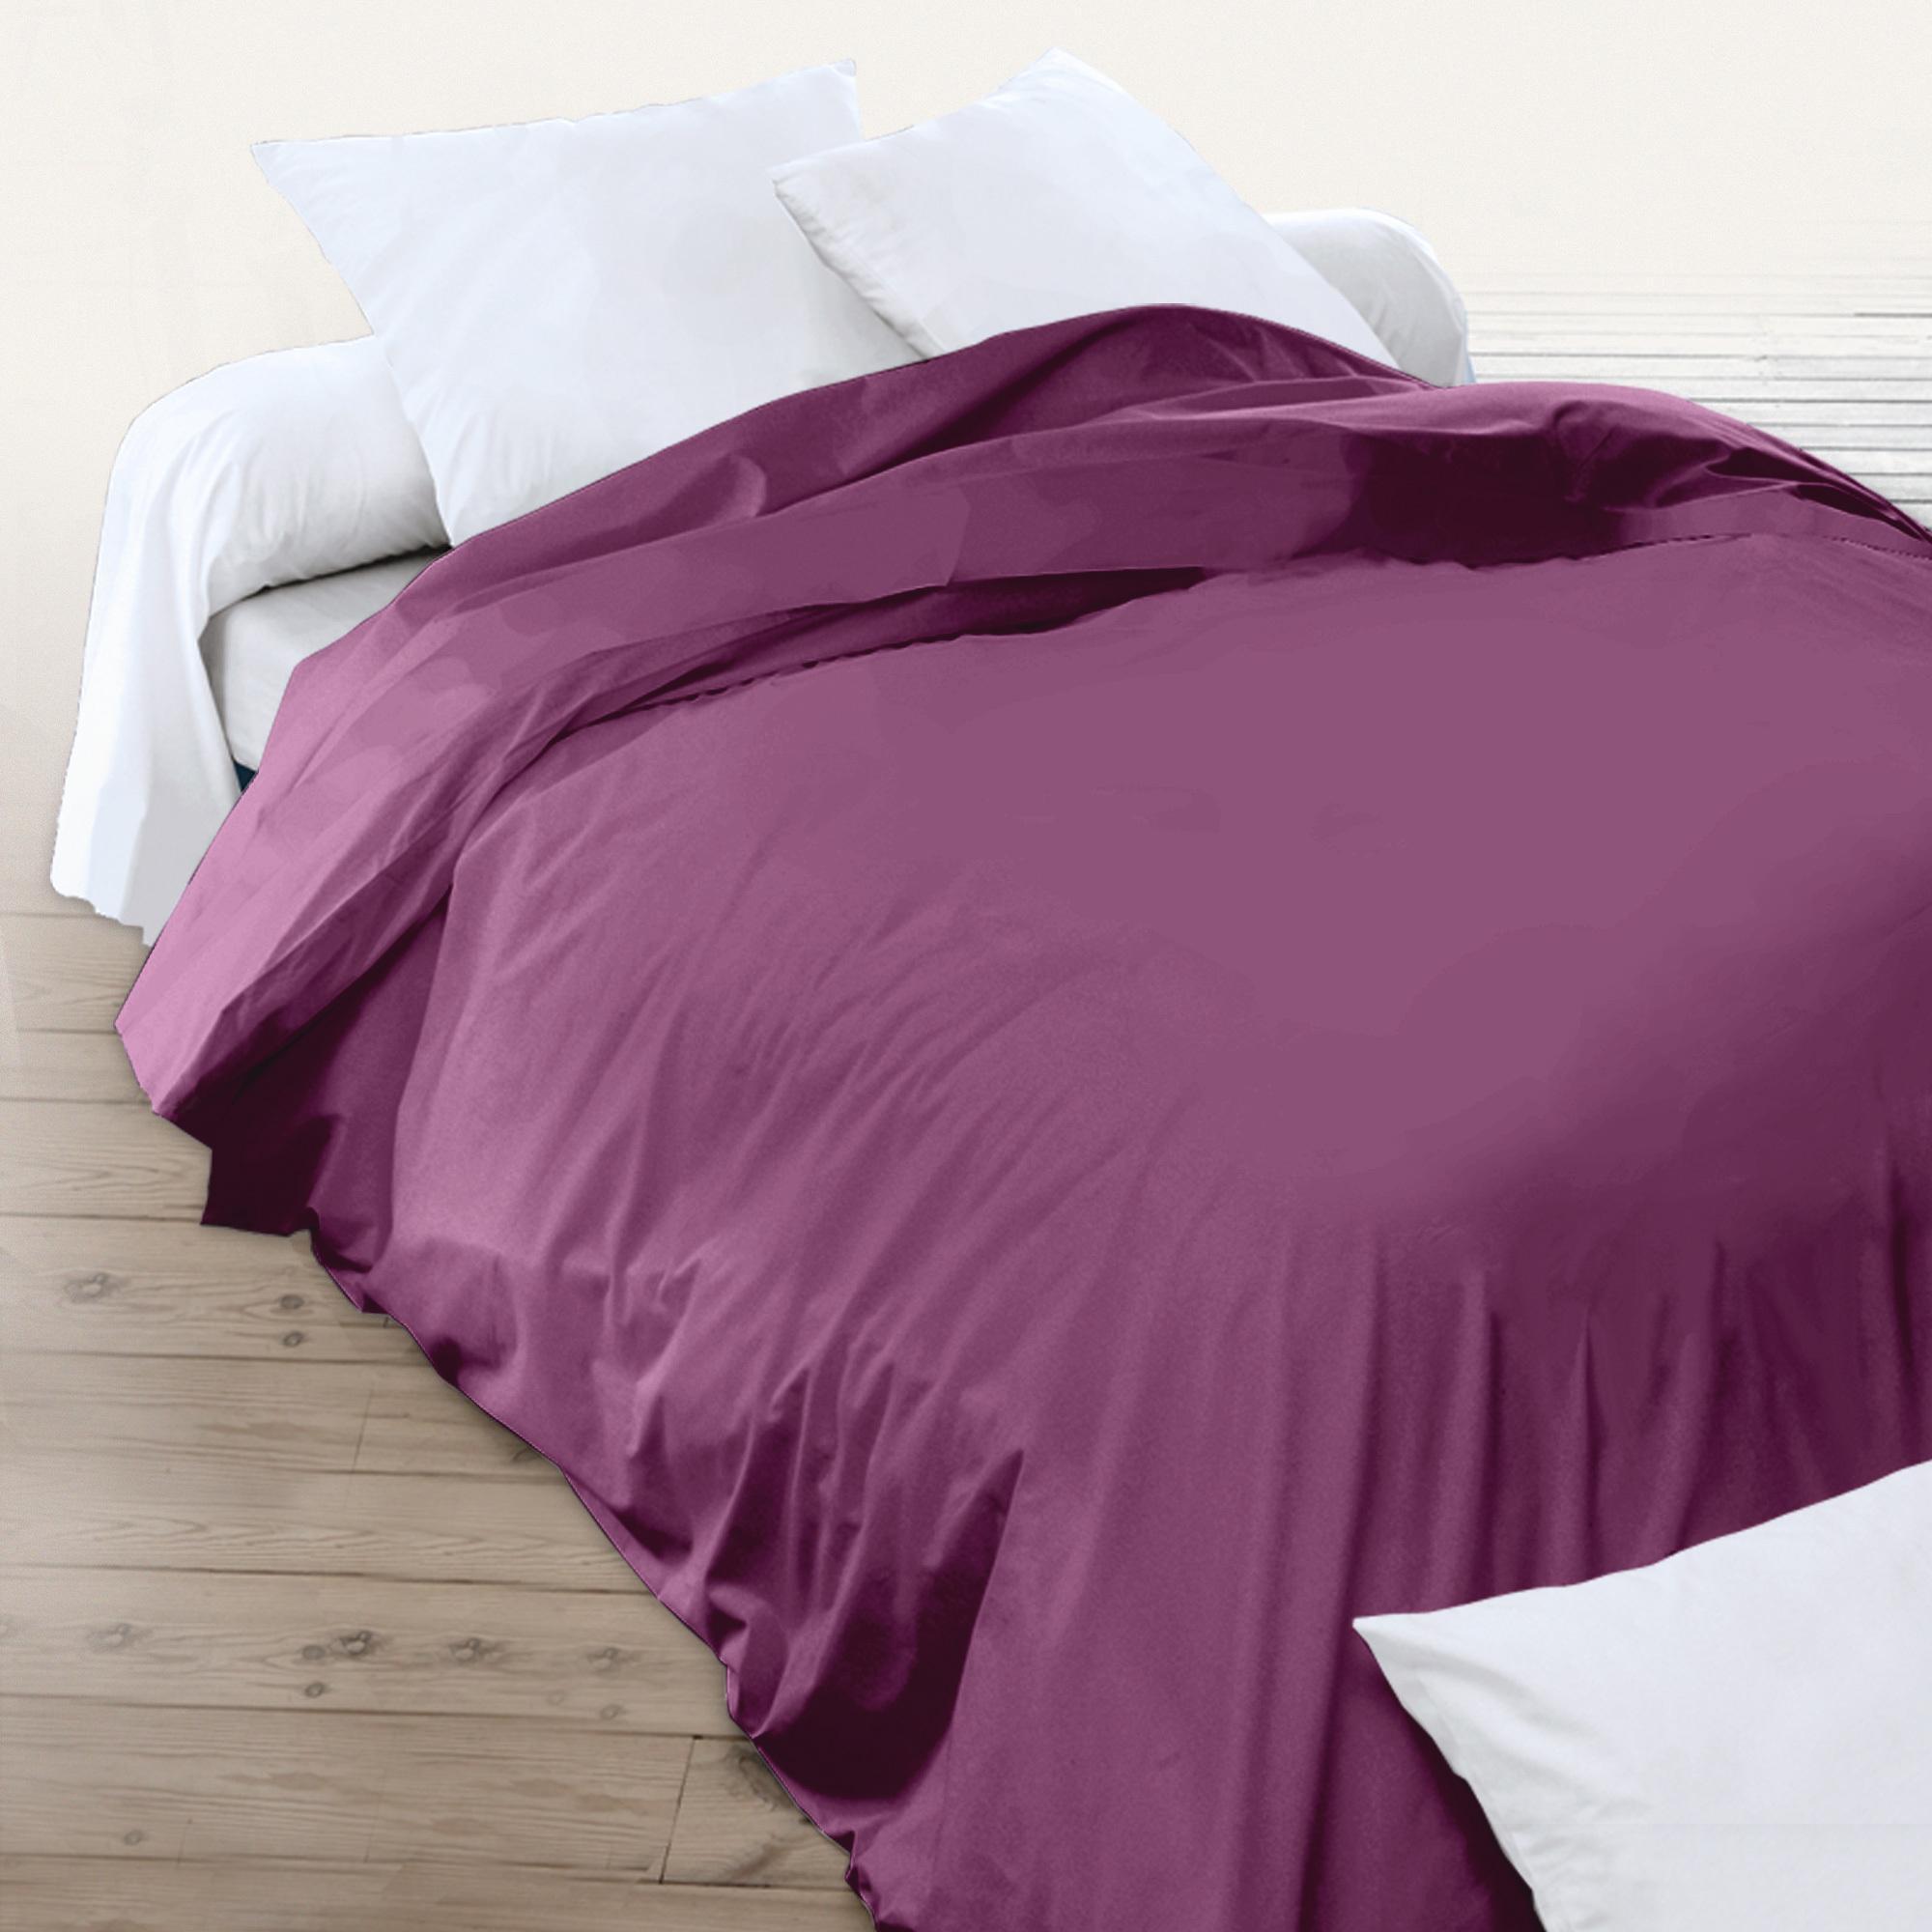 Housse de couette 280x240cm uni pur coton alto violet - Housse de couette plage ...